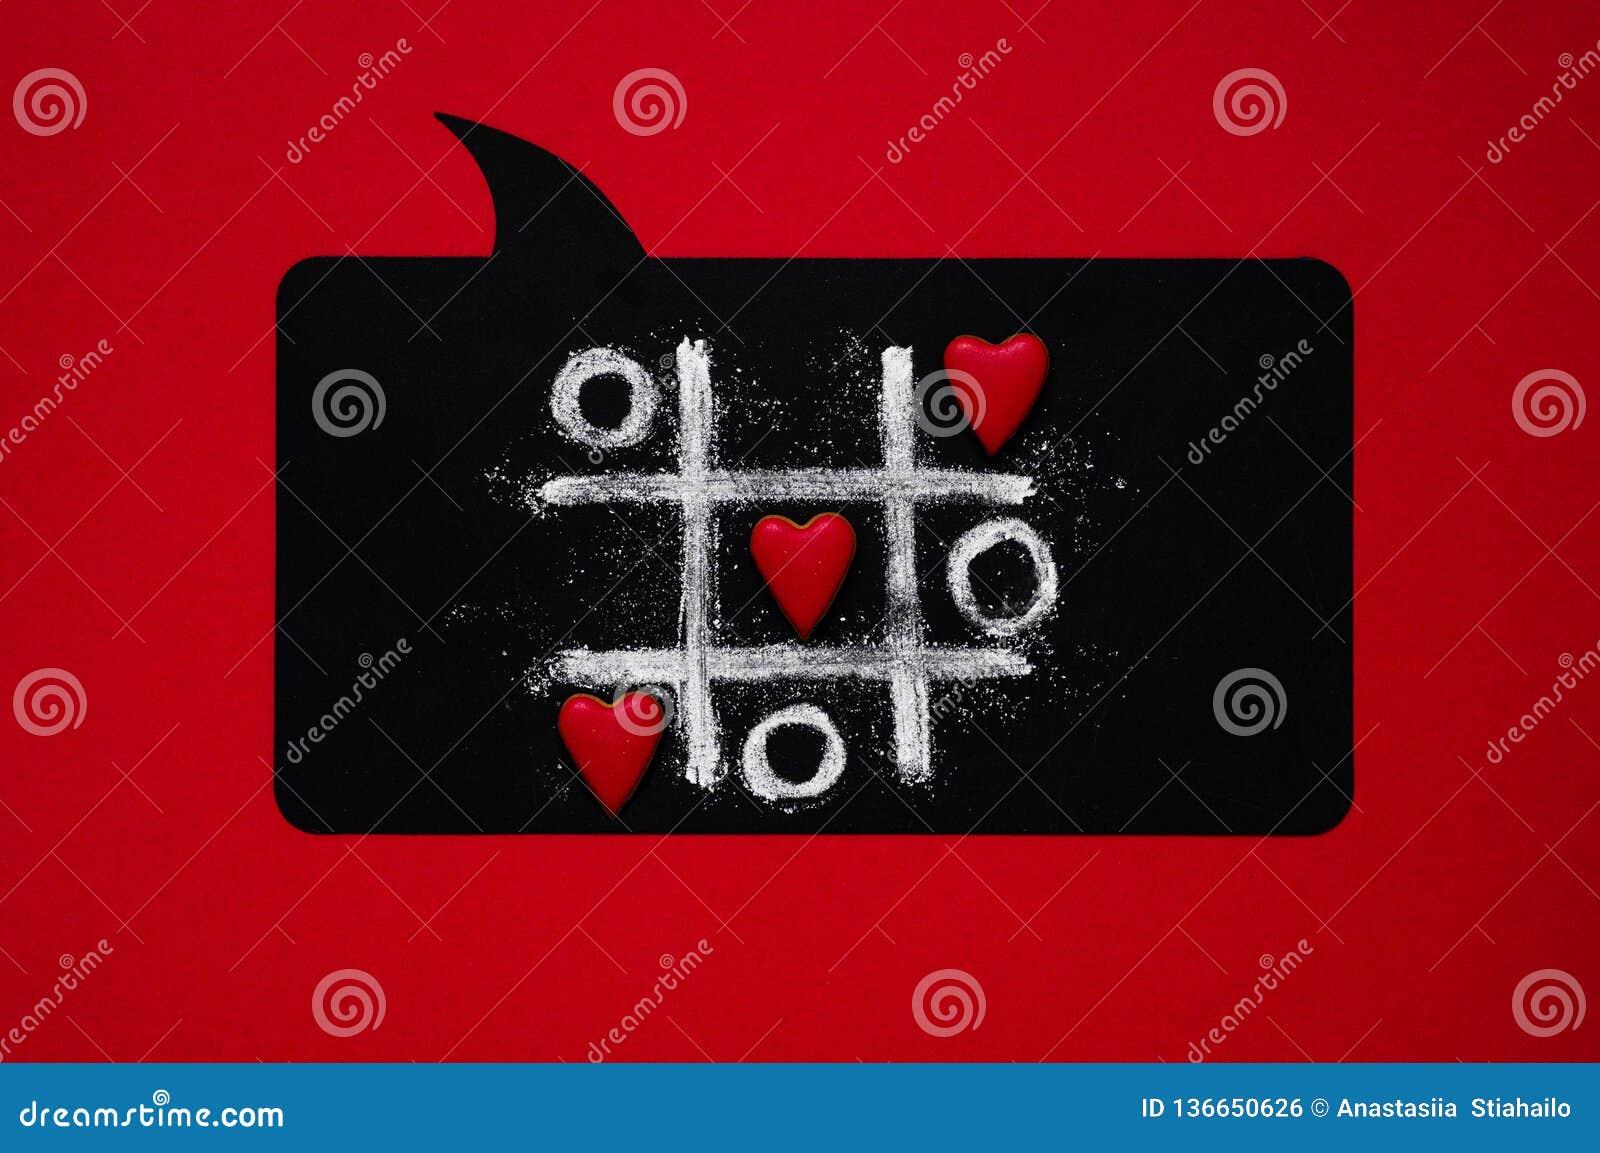 Valentiner för bakgrundsdaghjärta Valentindagbegrepp med leken för hjärtor X-O Begrepp för muskelryckningTac Toe lek ovanför sikt